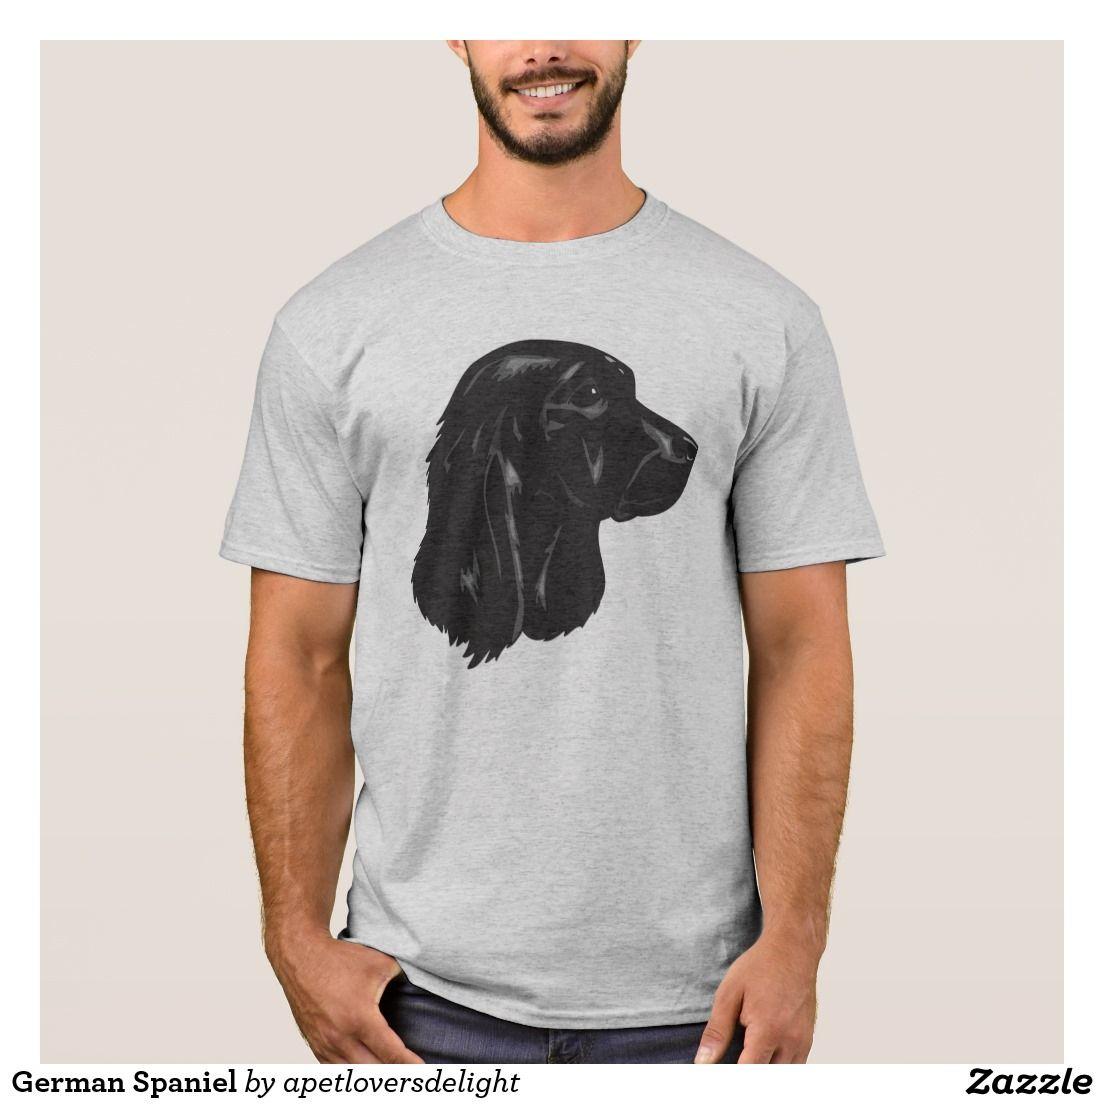 German Spaniel T-Shirt